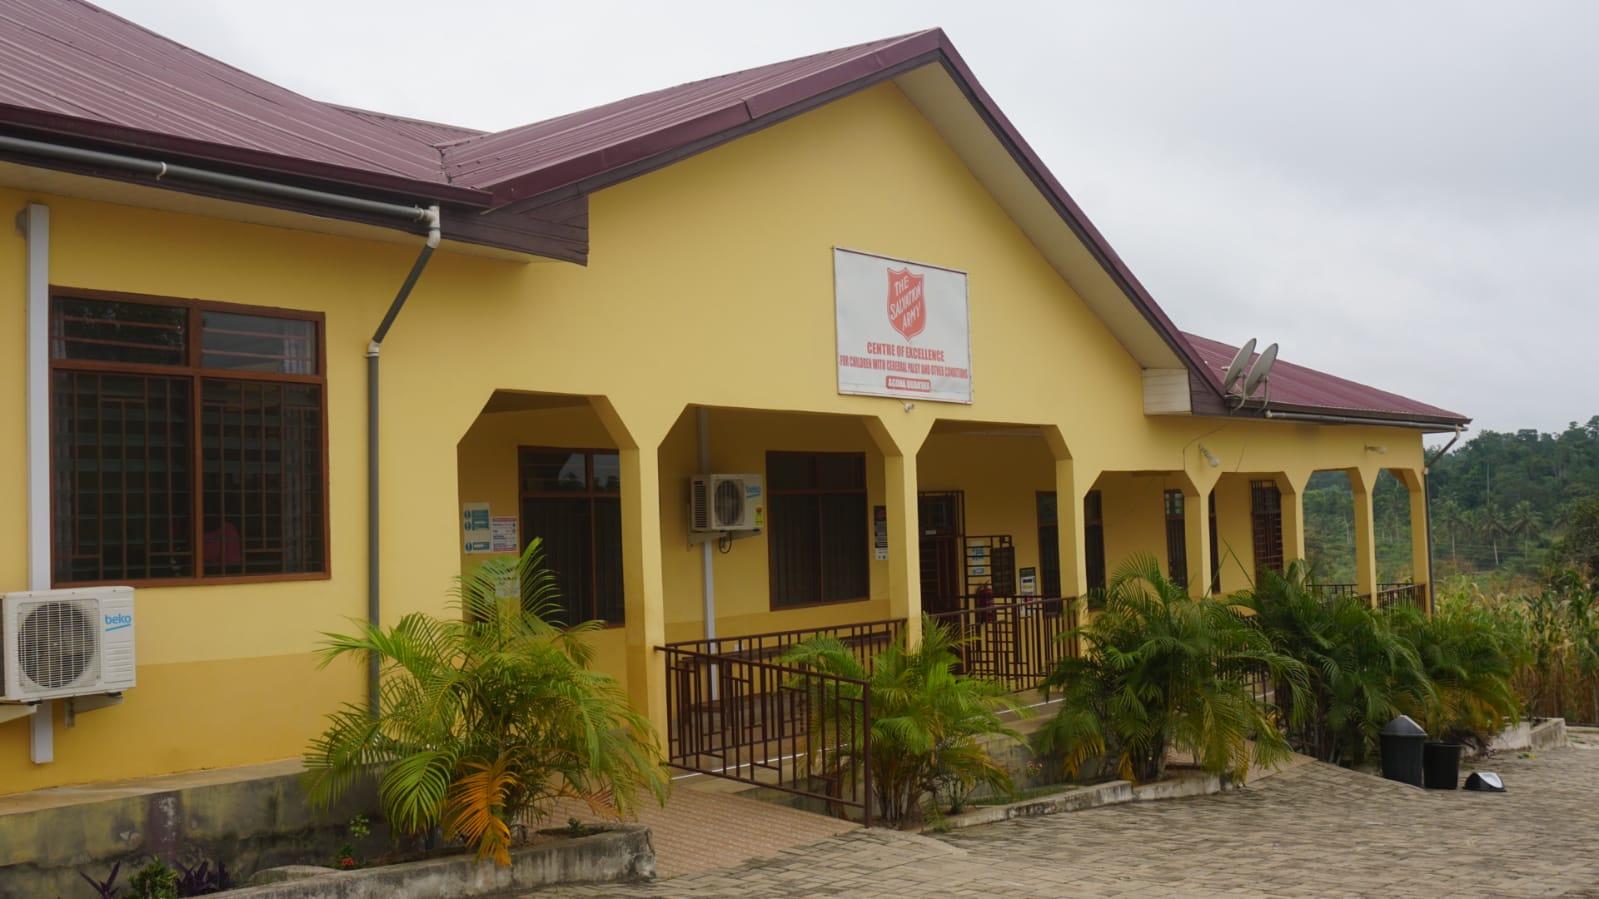 Blick auf eines der Gebäude des Rehazentrums